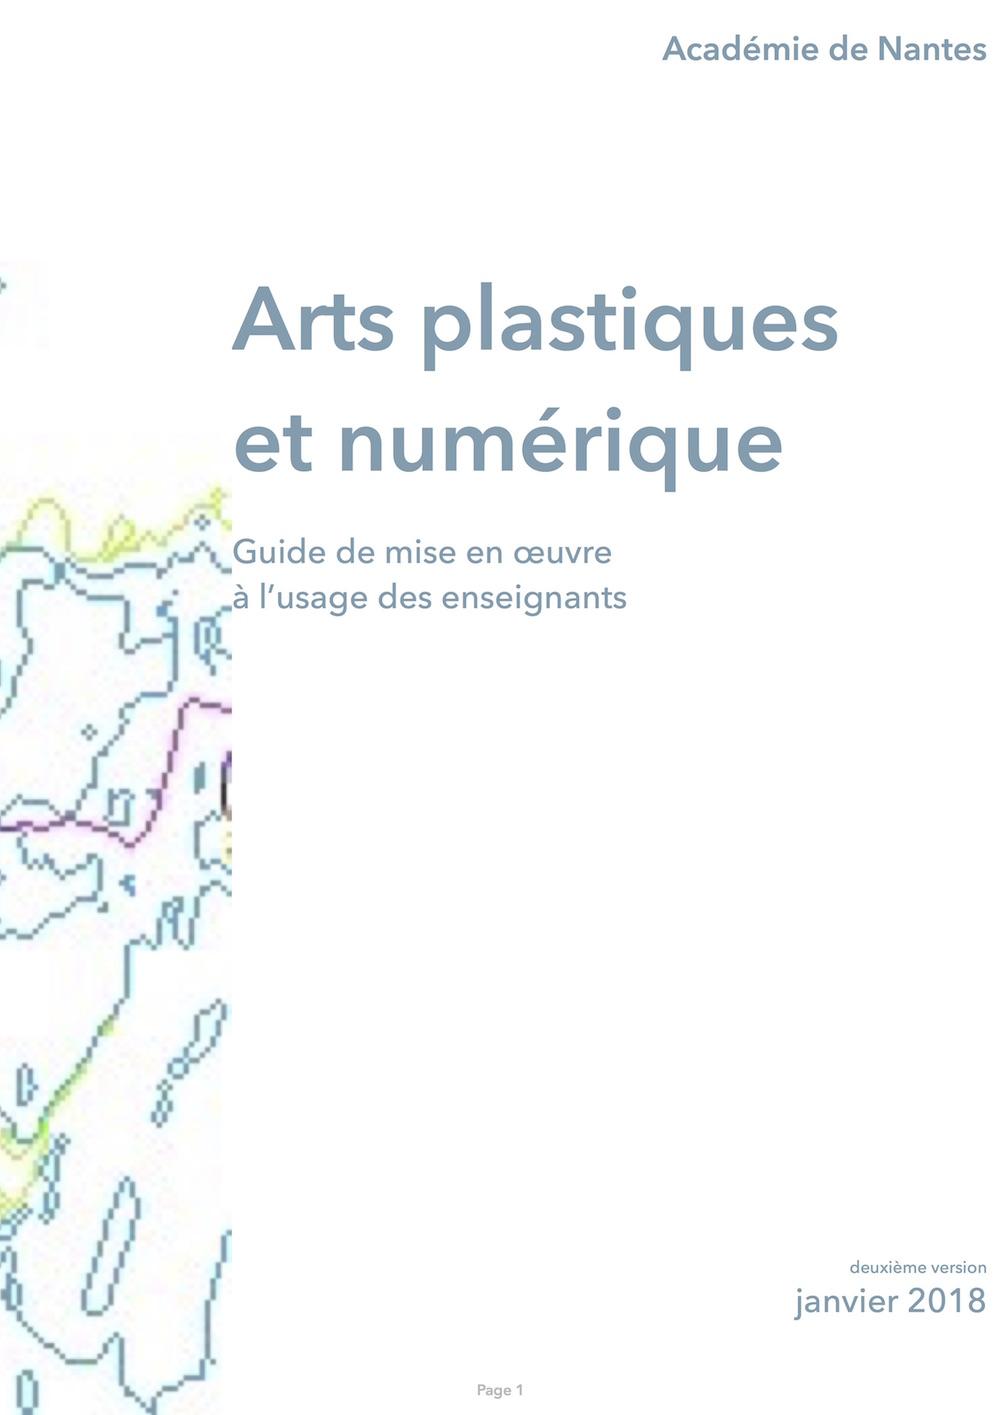 guide arts plastiques et numérique - janvier 2018